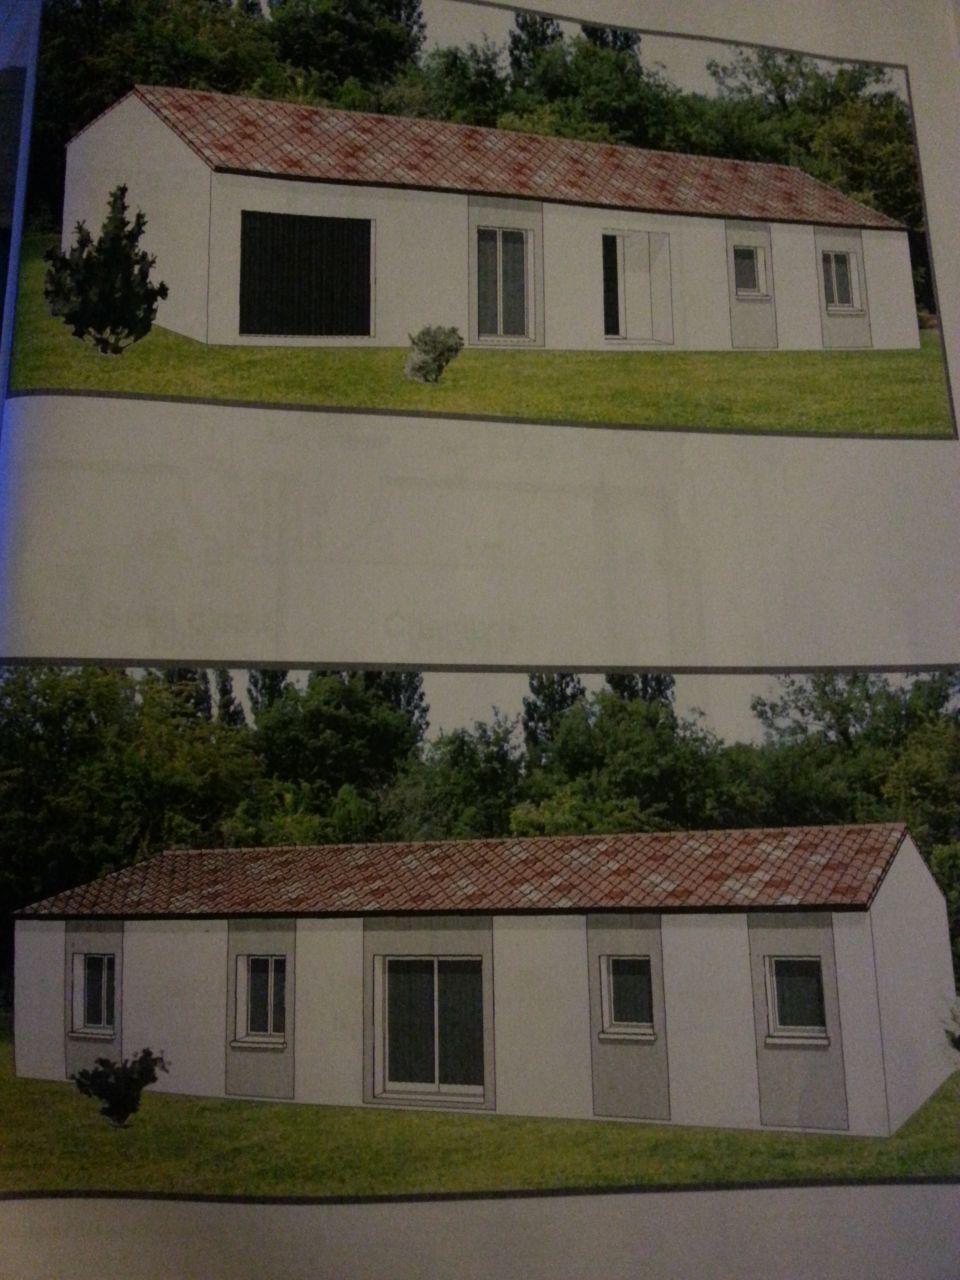 implantation informatique de la maison sur notre terrain